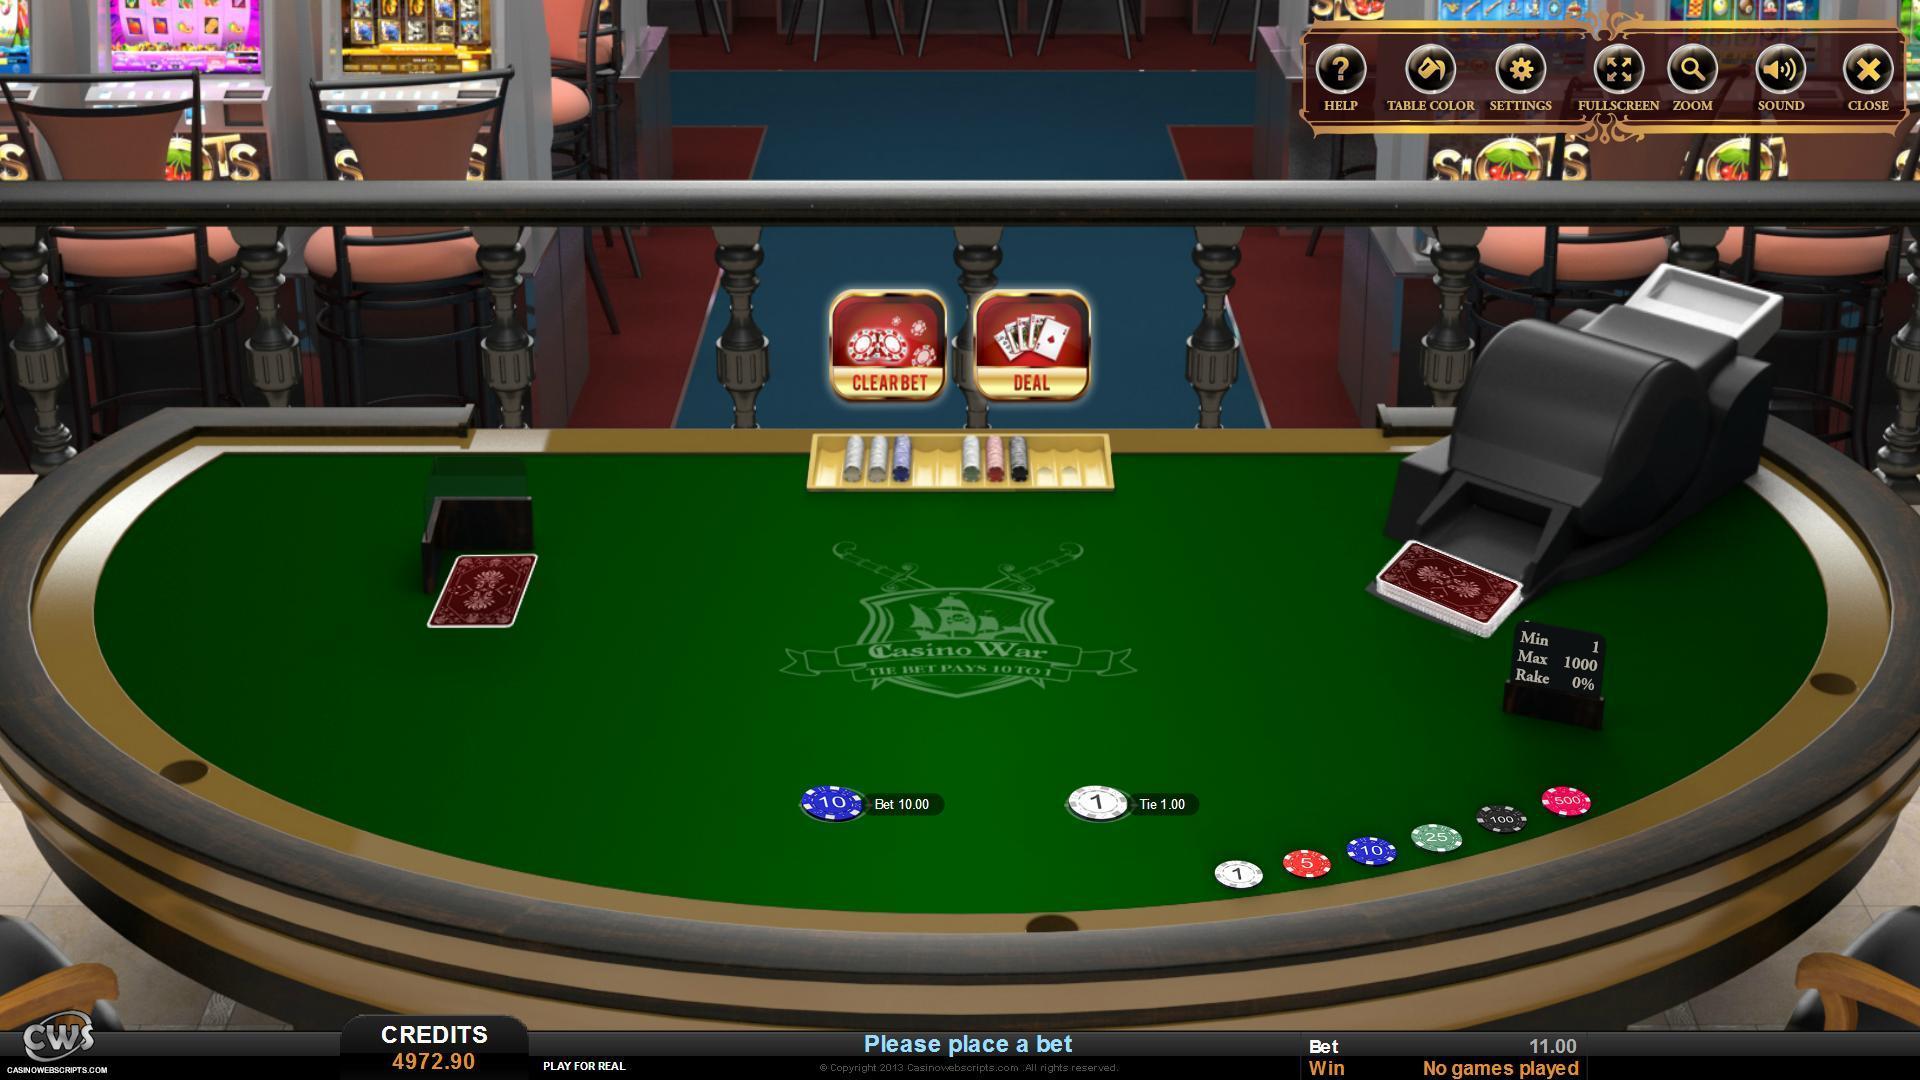 Guide casino en ligne : qu'est-ce que les non-initiés aux sites de jeux en ligne doivent savoir ?